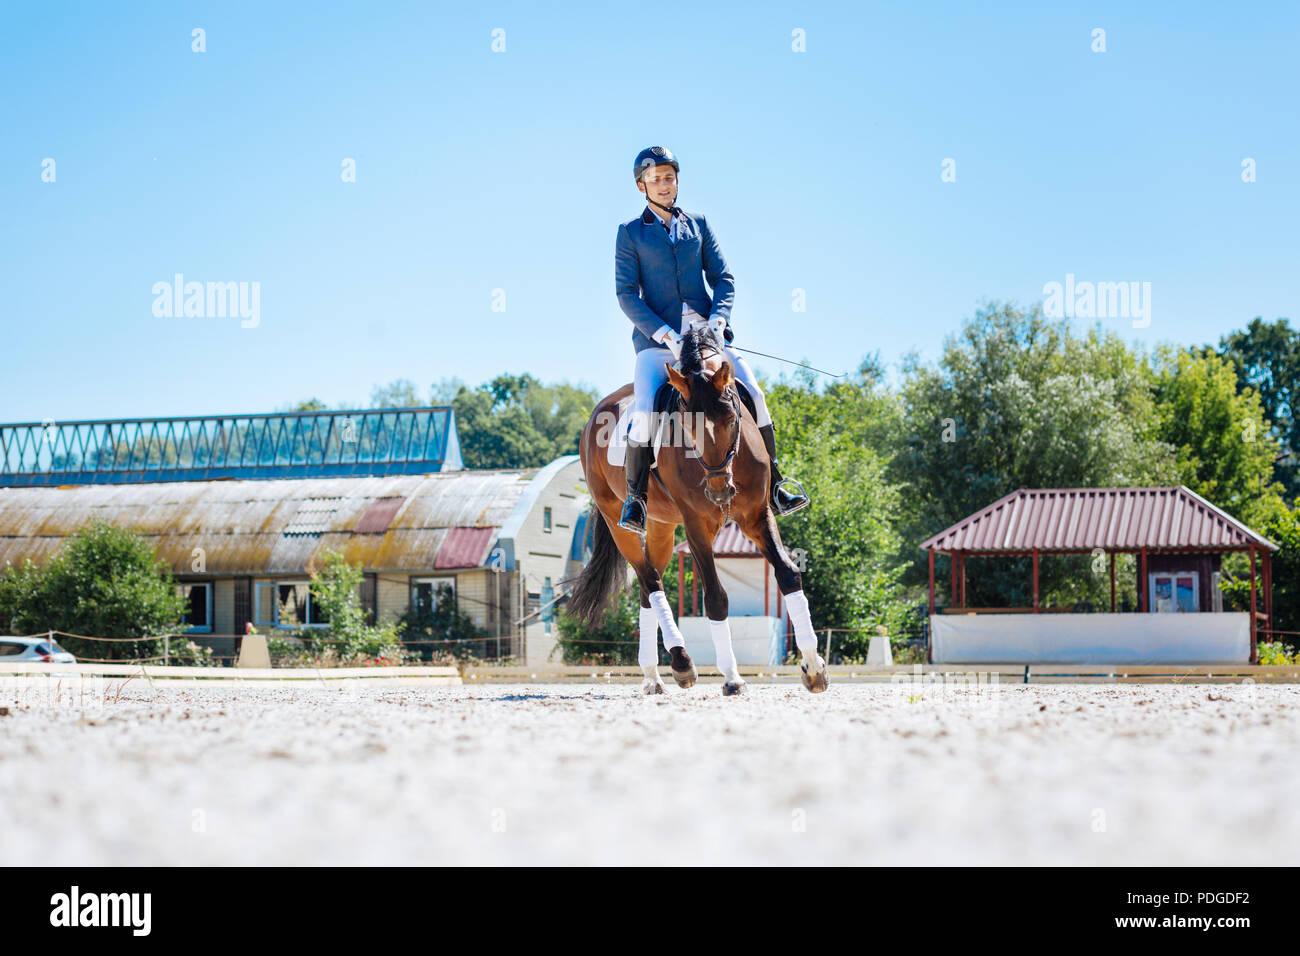 Athletische Pferd mann Gefühl schön beim Reiten seines Pferdes am Wochenende Stockbild